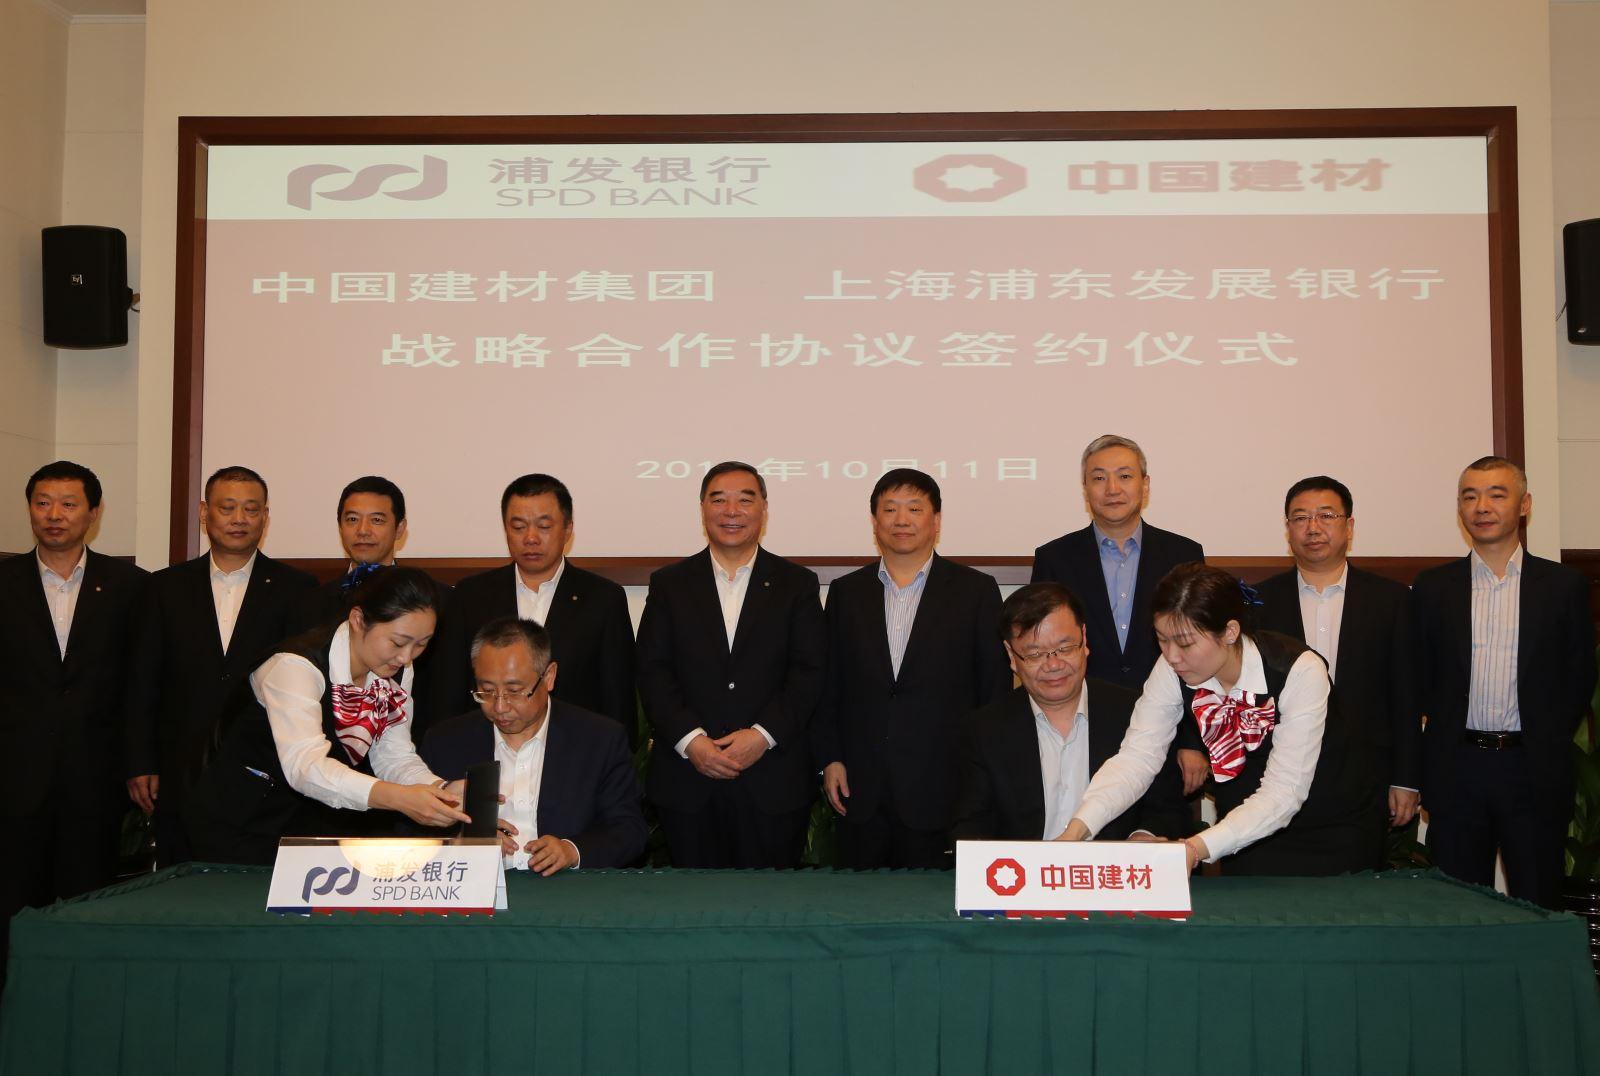 中国建材集团再获350亿授信贷款